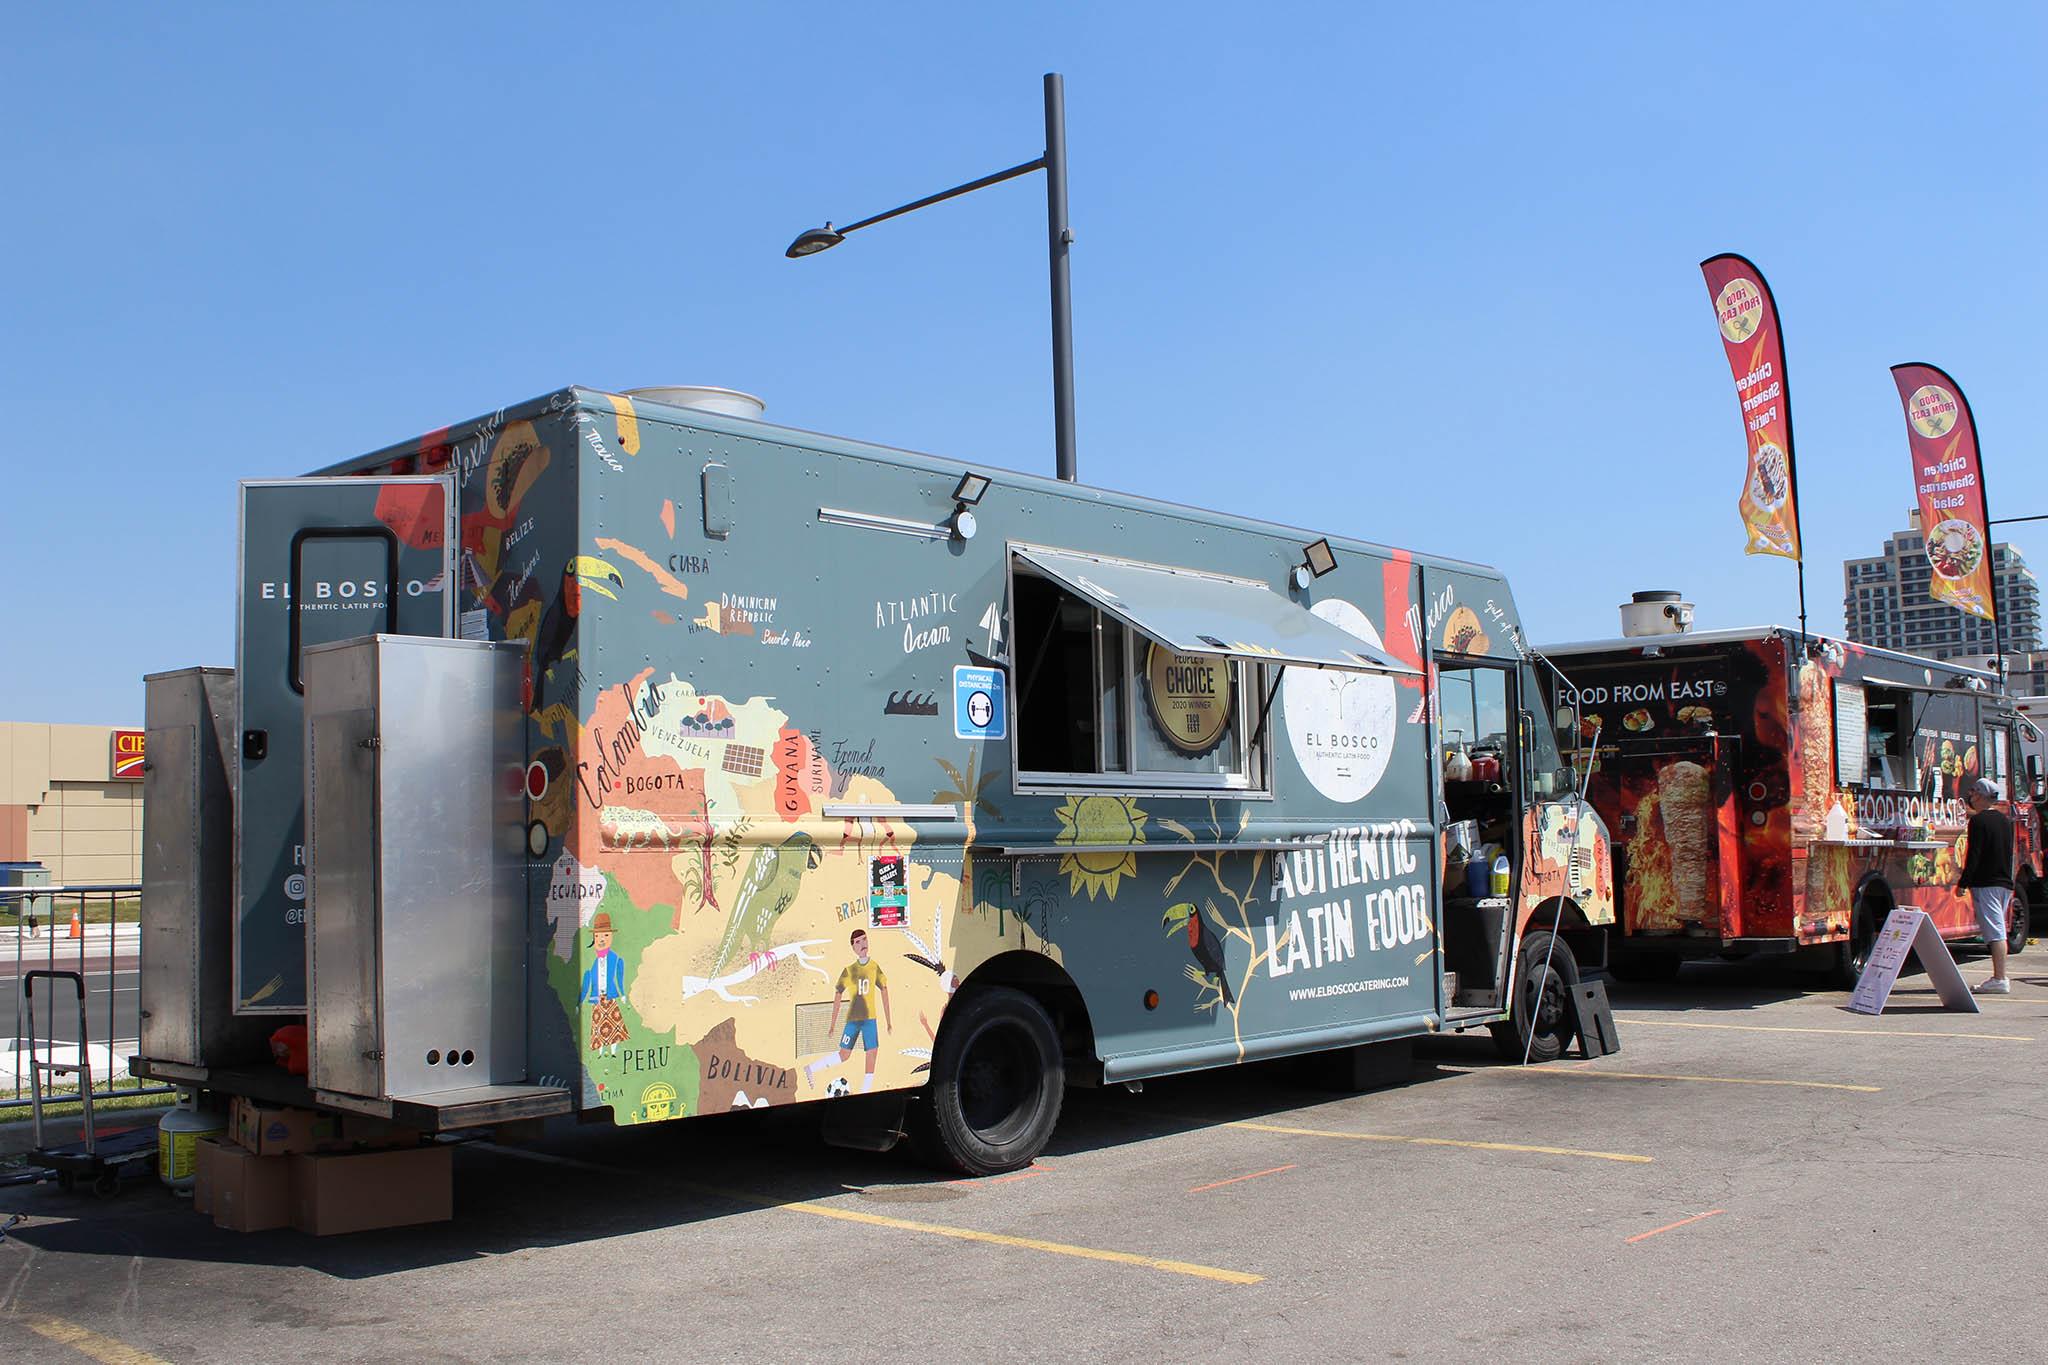 El Bosco Food Truck